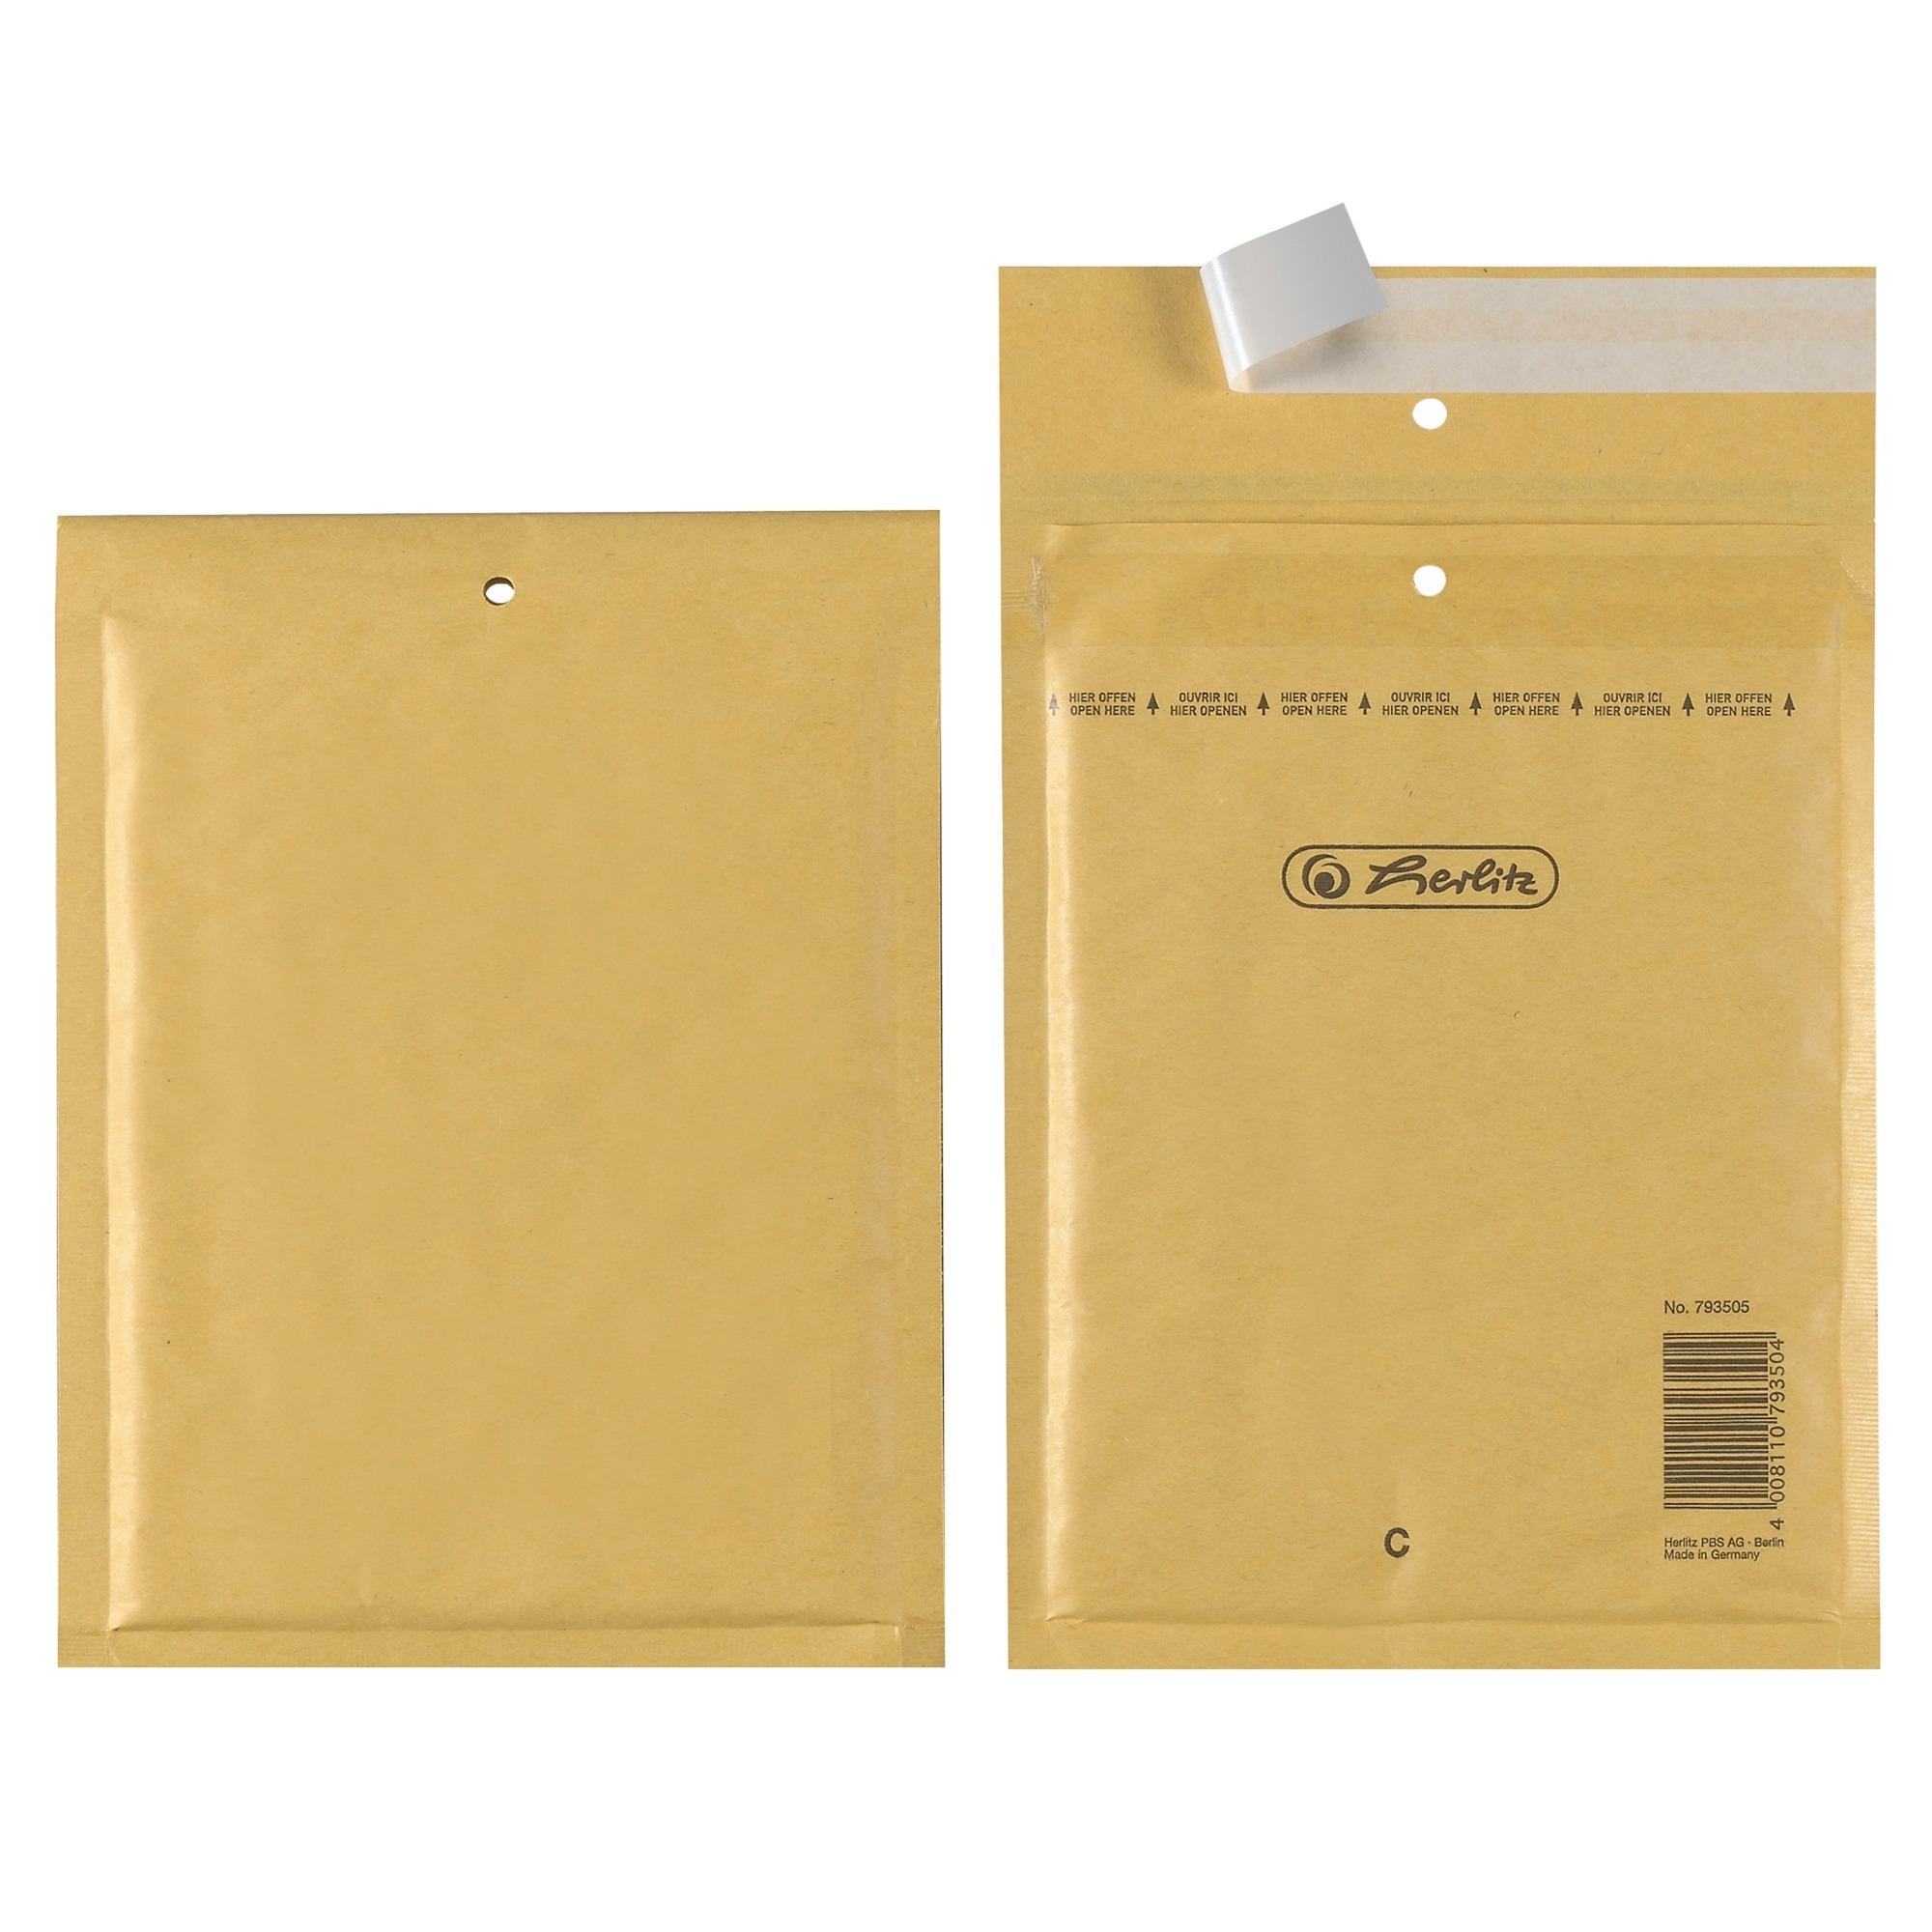 7935042 bolsa de papel Marrón, Sobre